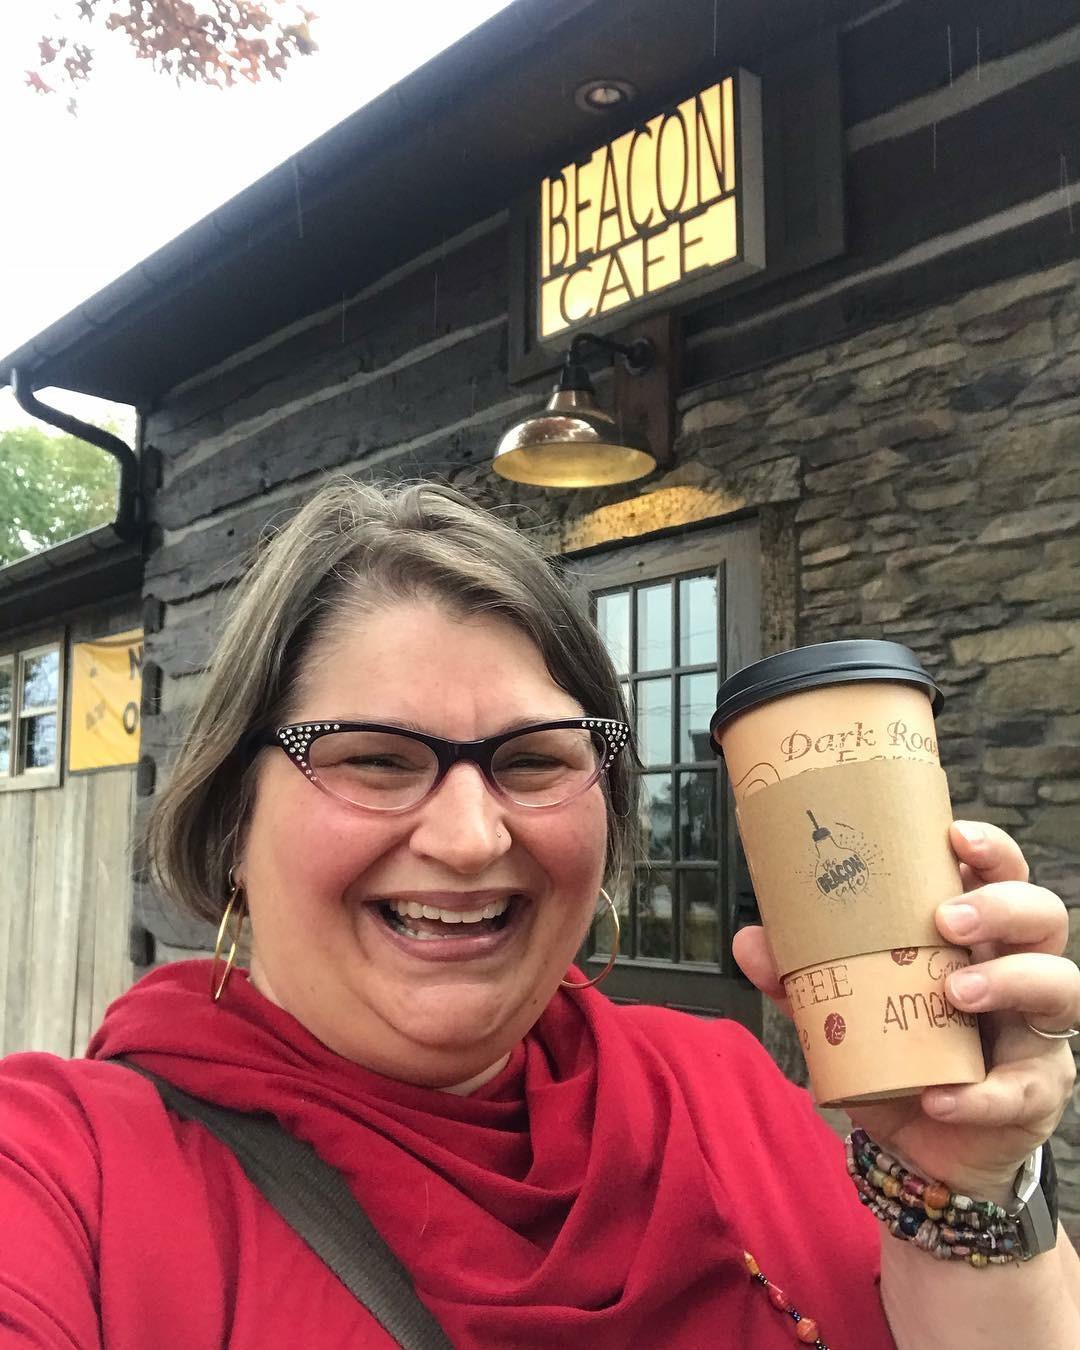 Beacon Cafe, Winesburg, Ohio 2018